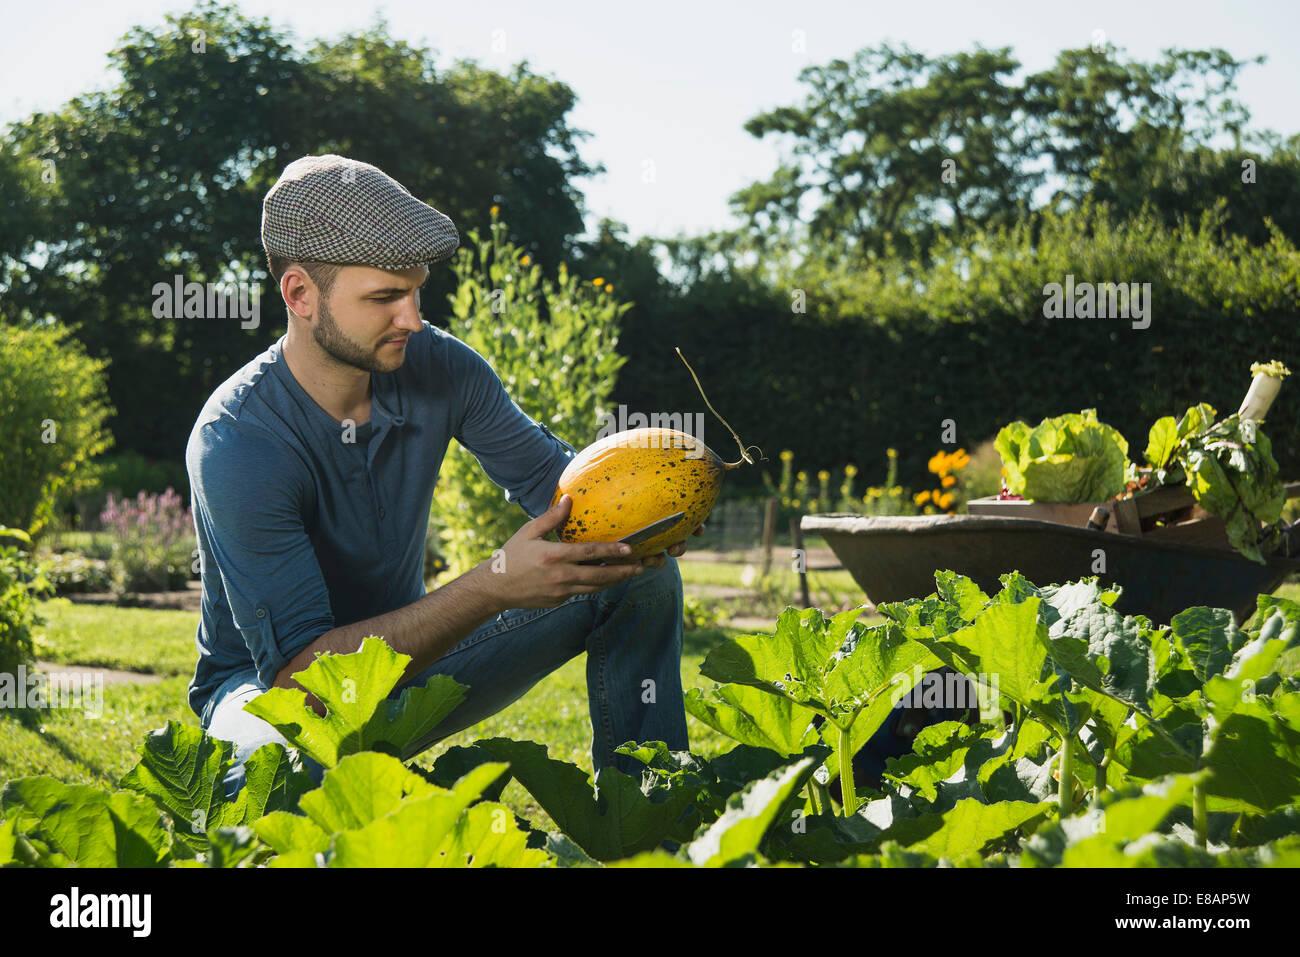 Comprobación del jardinero verdura Foto de stock